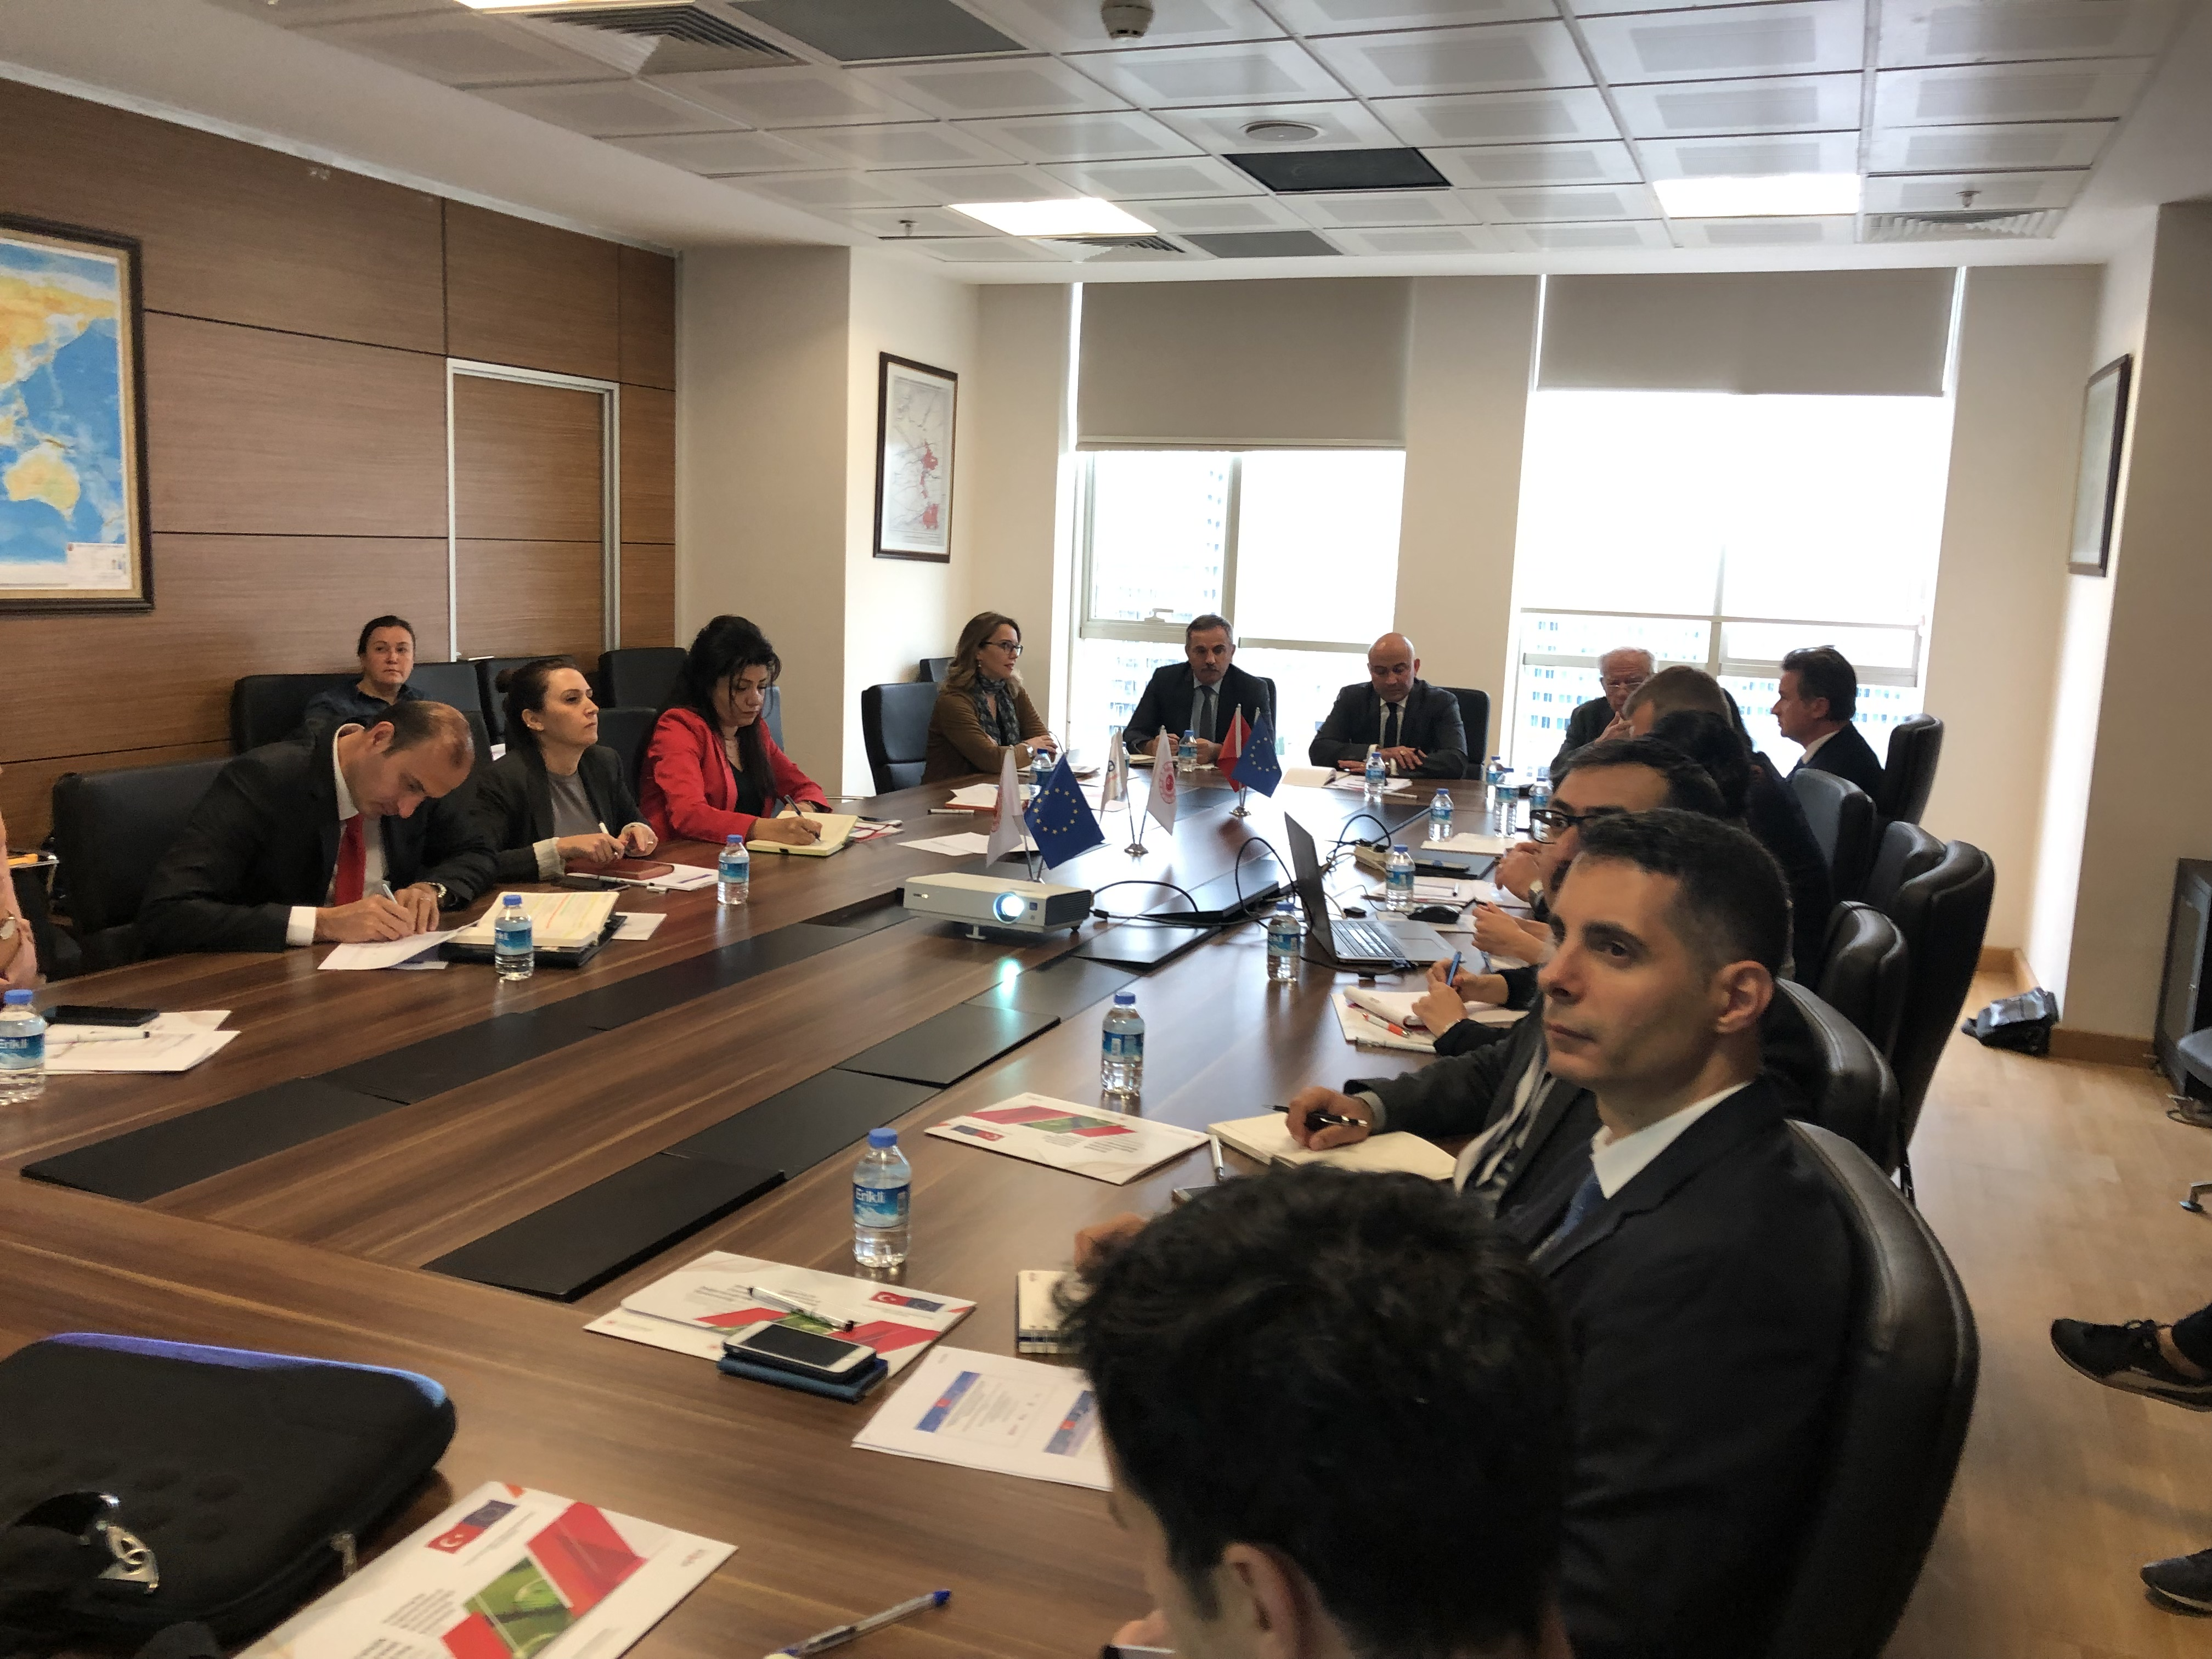 Edirne-Kırklareli- Tekirdağ Bütünleşik Kıyı Alanları Yönetim Planları SÇD Pilot Çalışması 2.Çalışma Toplantısı